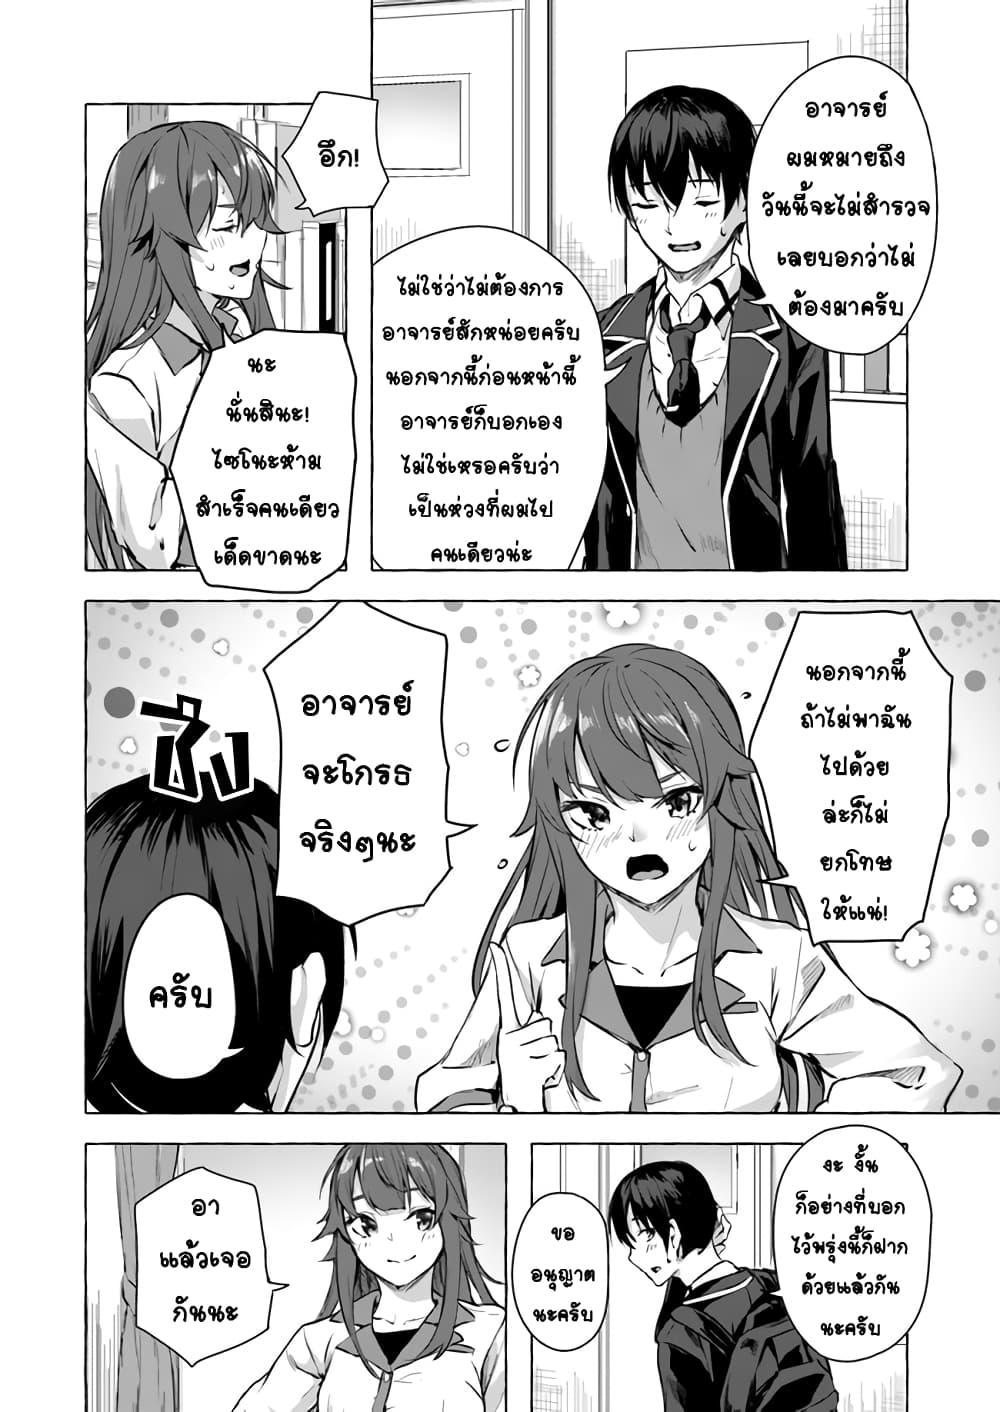 อ่านการ์ตูน Sex and Dungeon! ตอนที่ 10 หน้าที่ 13